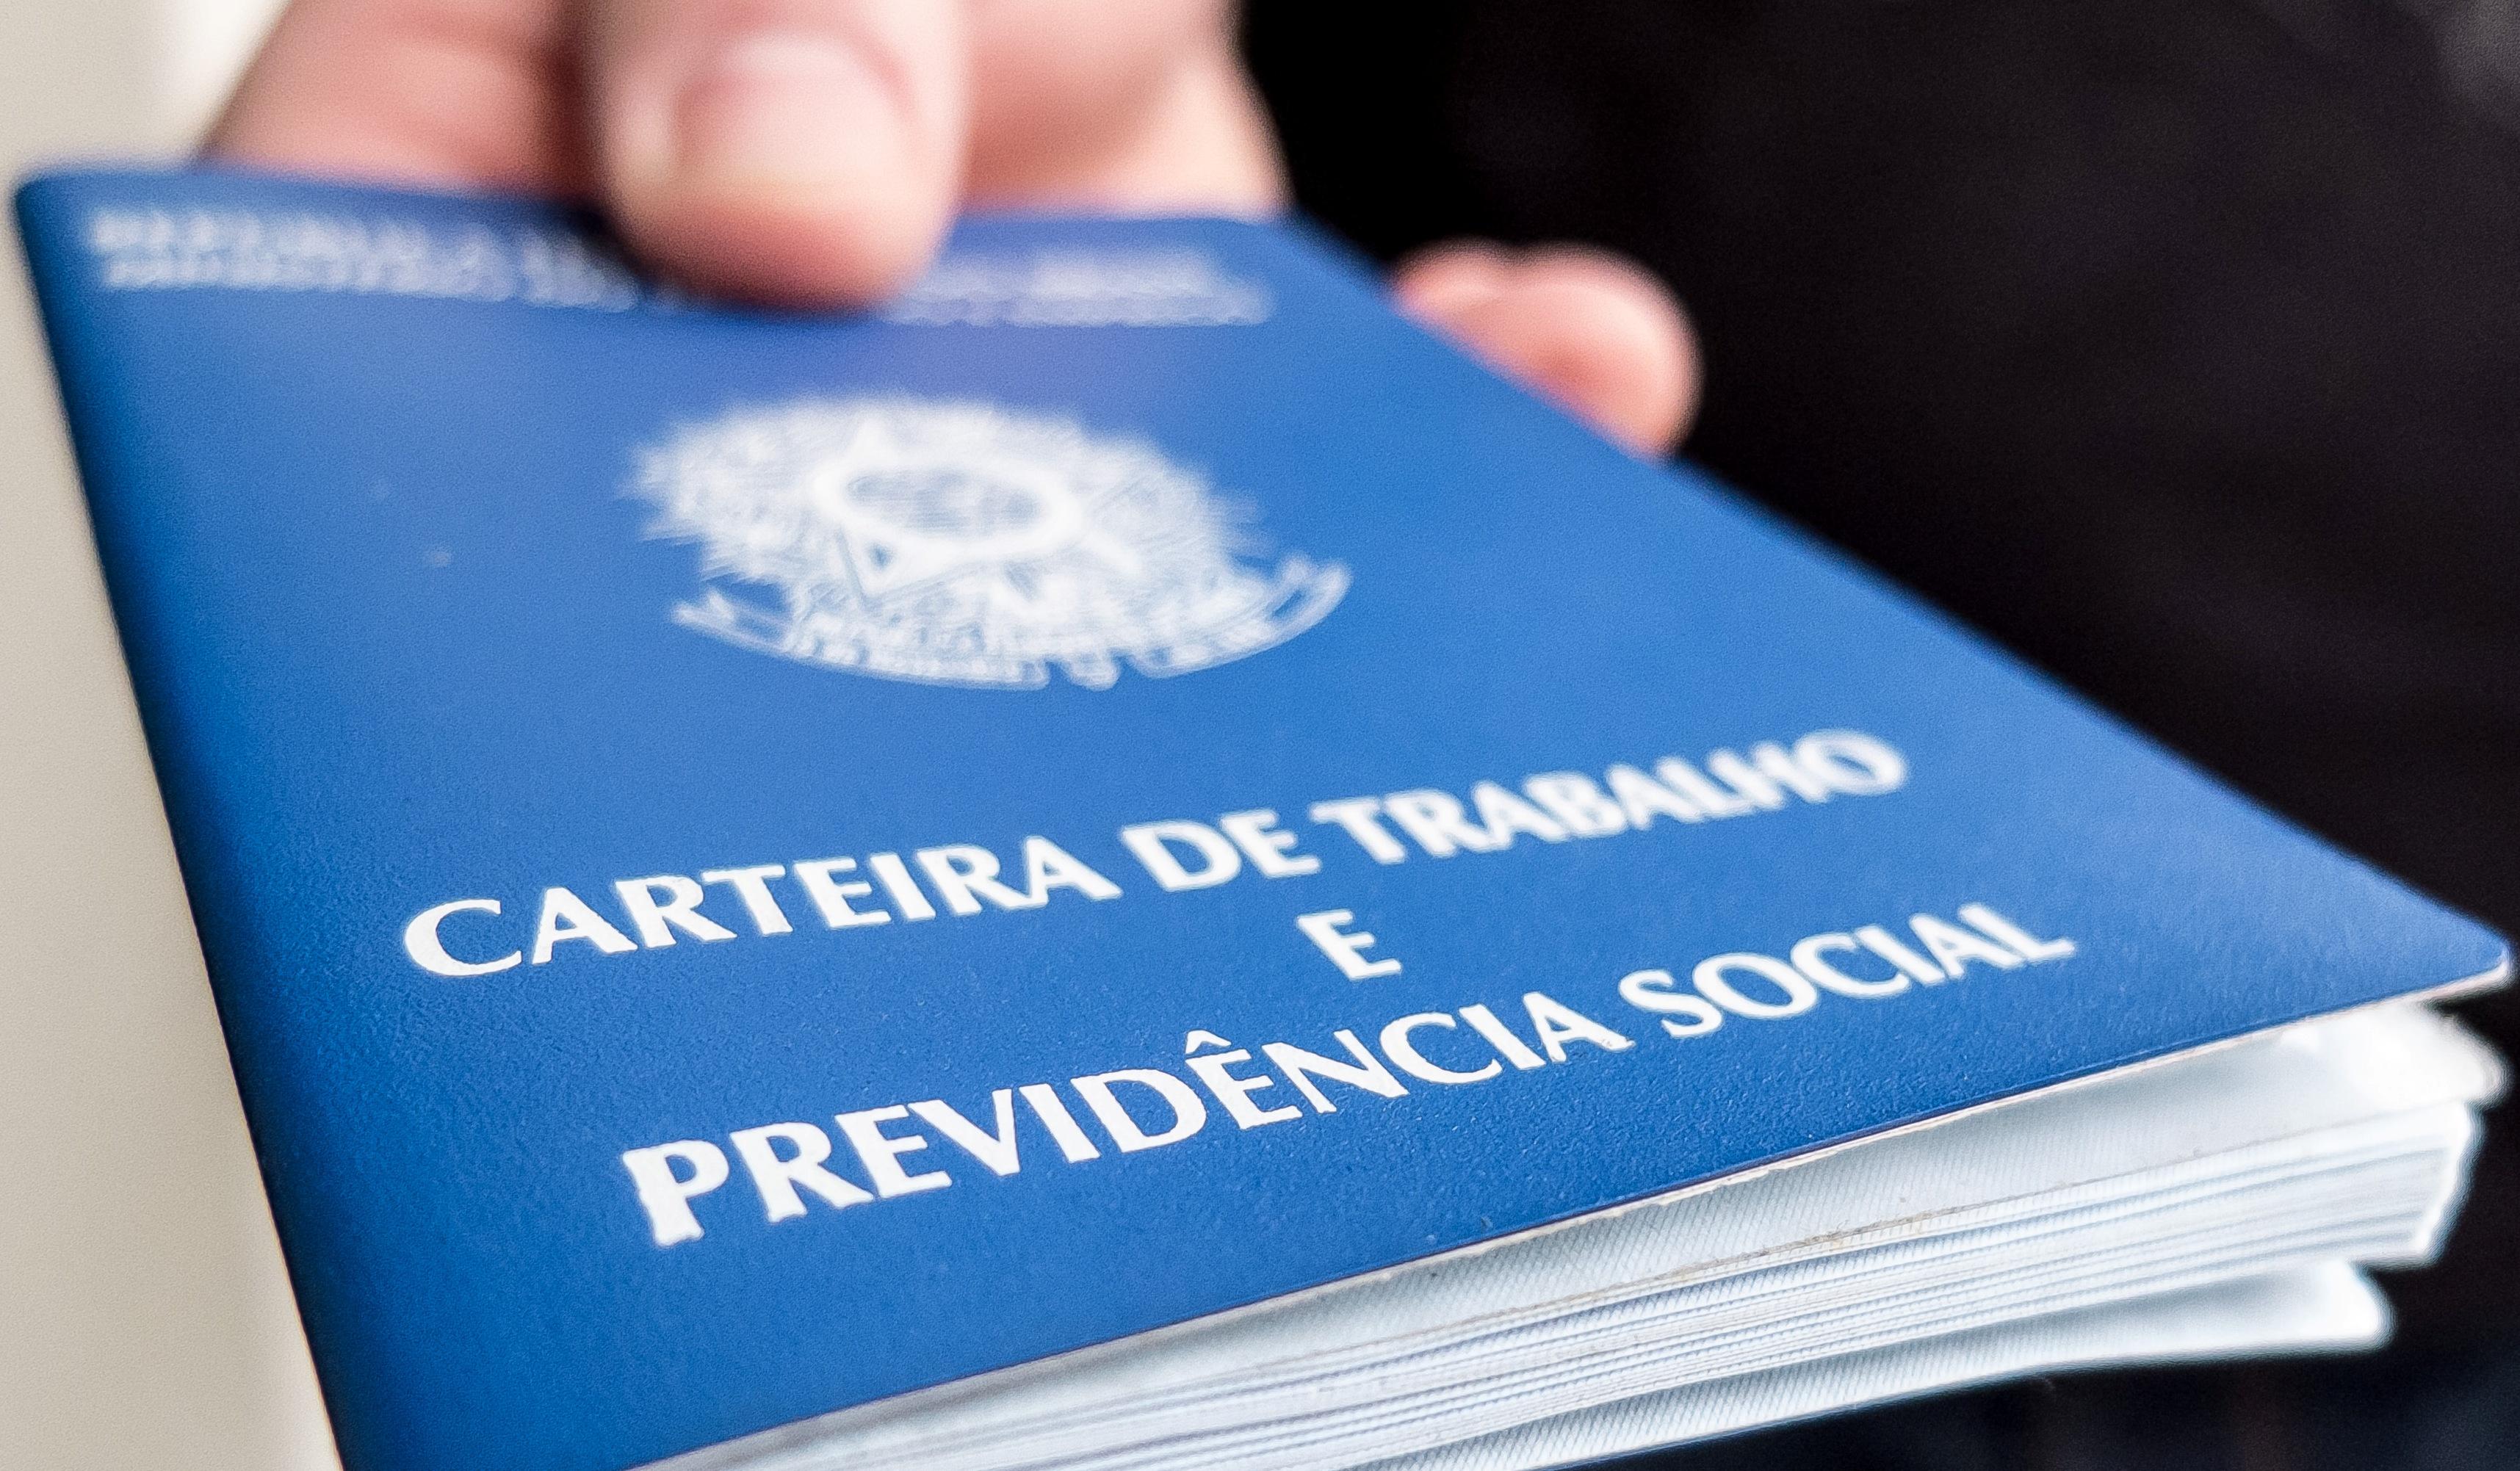 Brasil perde 12.292 vagas com carteira assinada em novembro